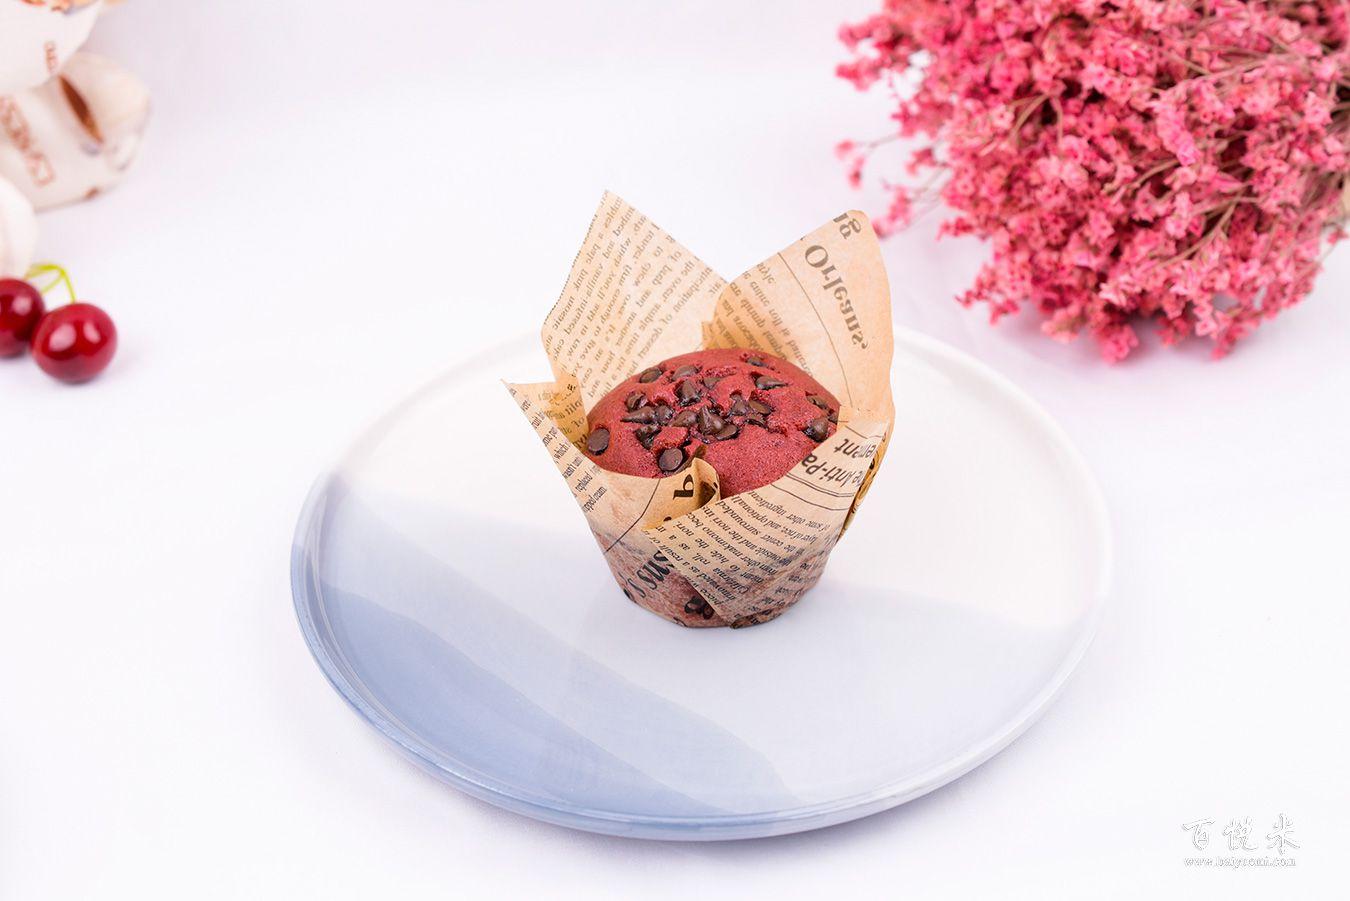 红丝绒玛德琳蛋糕高清图片大全【蛋糕图片】_401